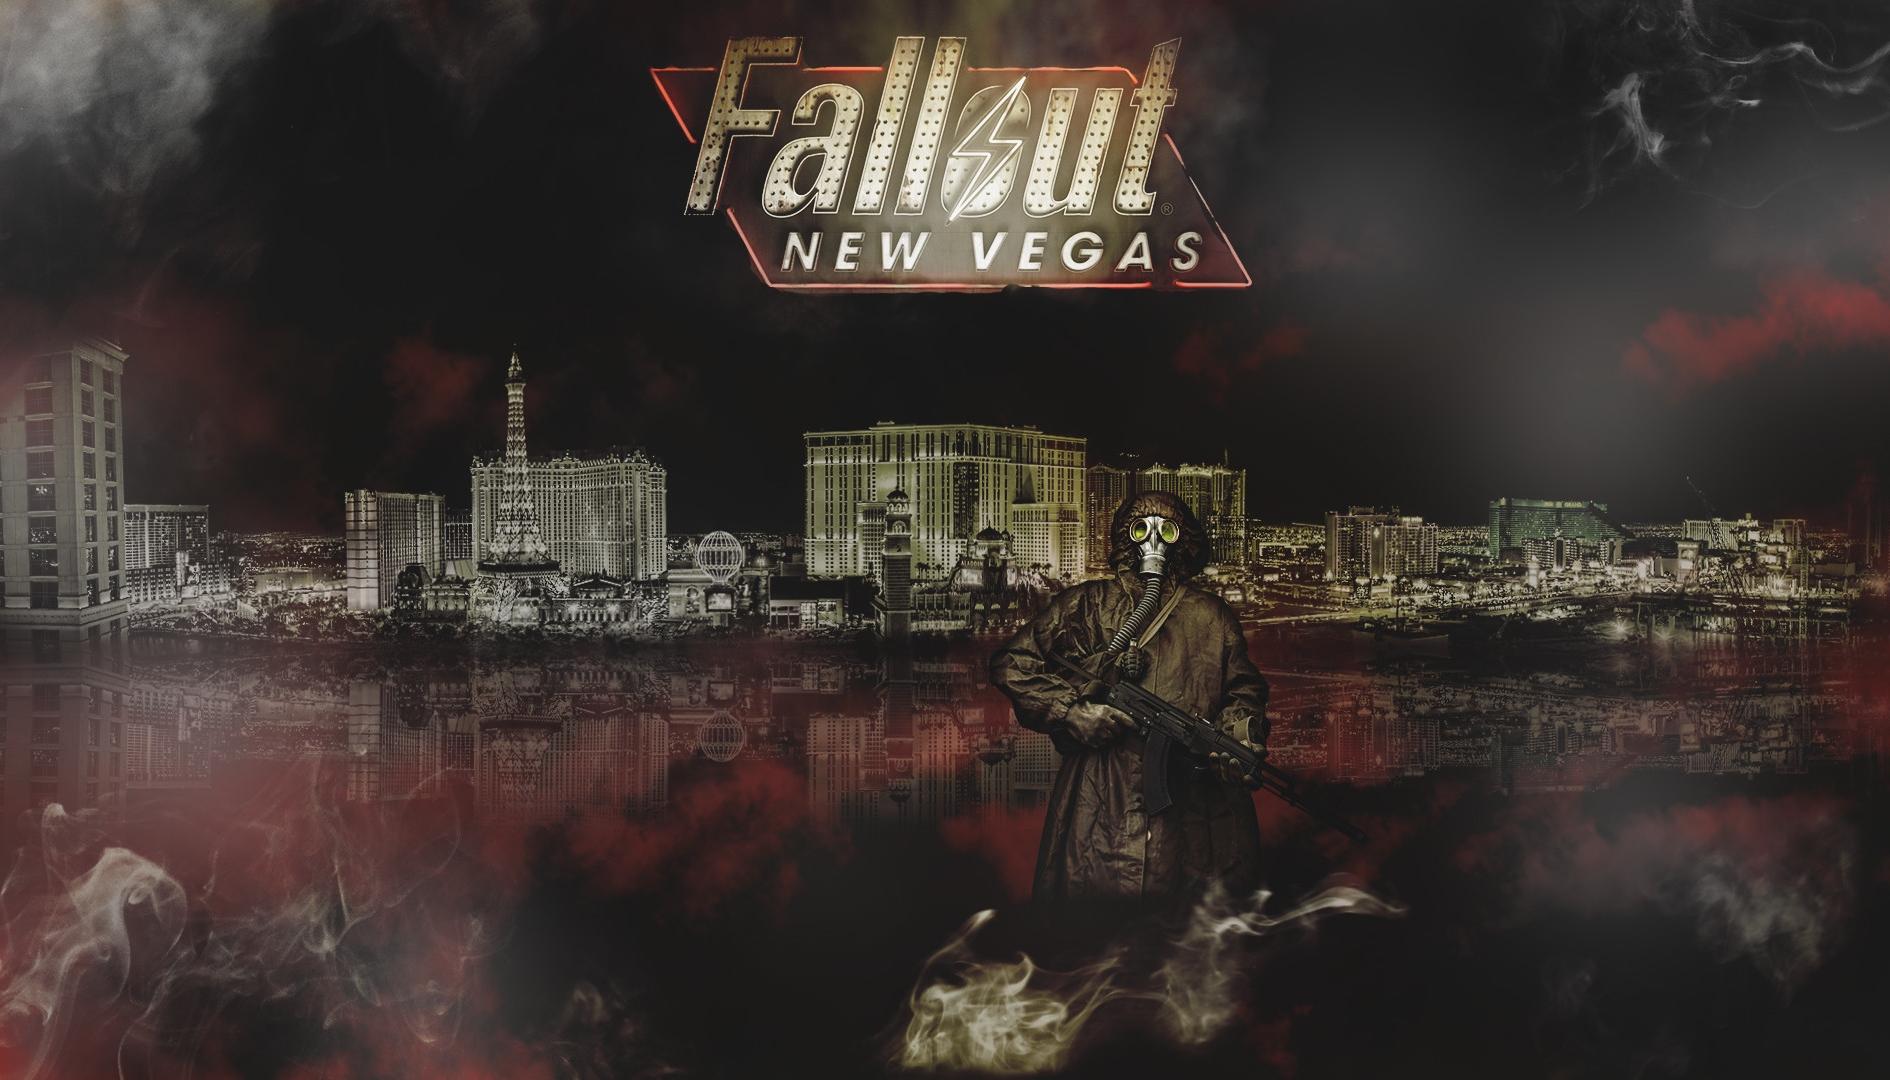 Fallout New Vegas: in arrivo la più grande mod a tema Star Wars